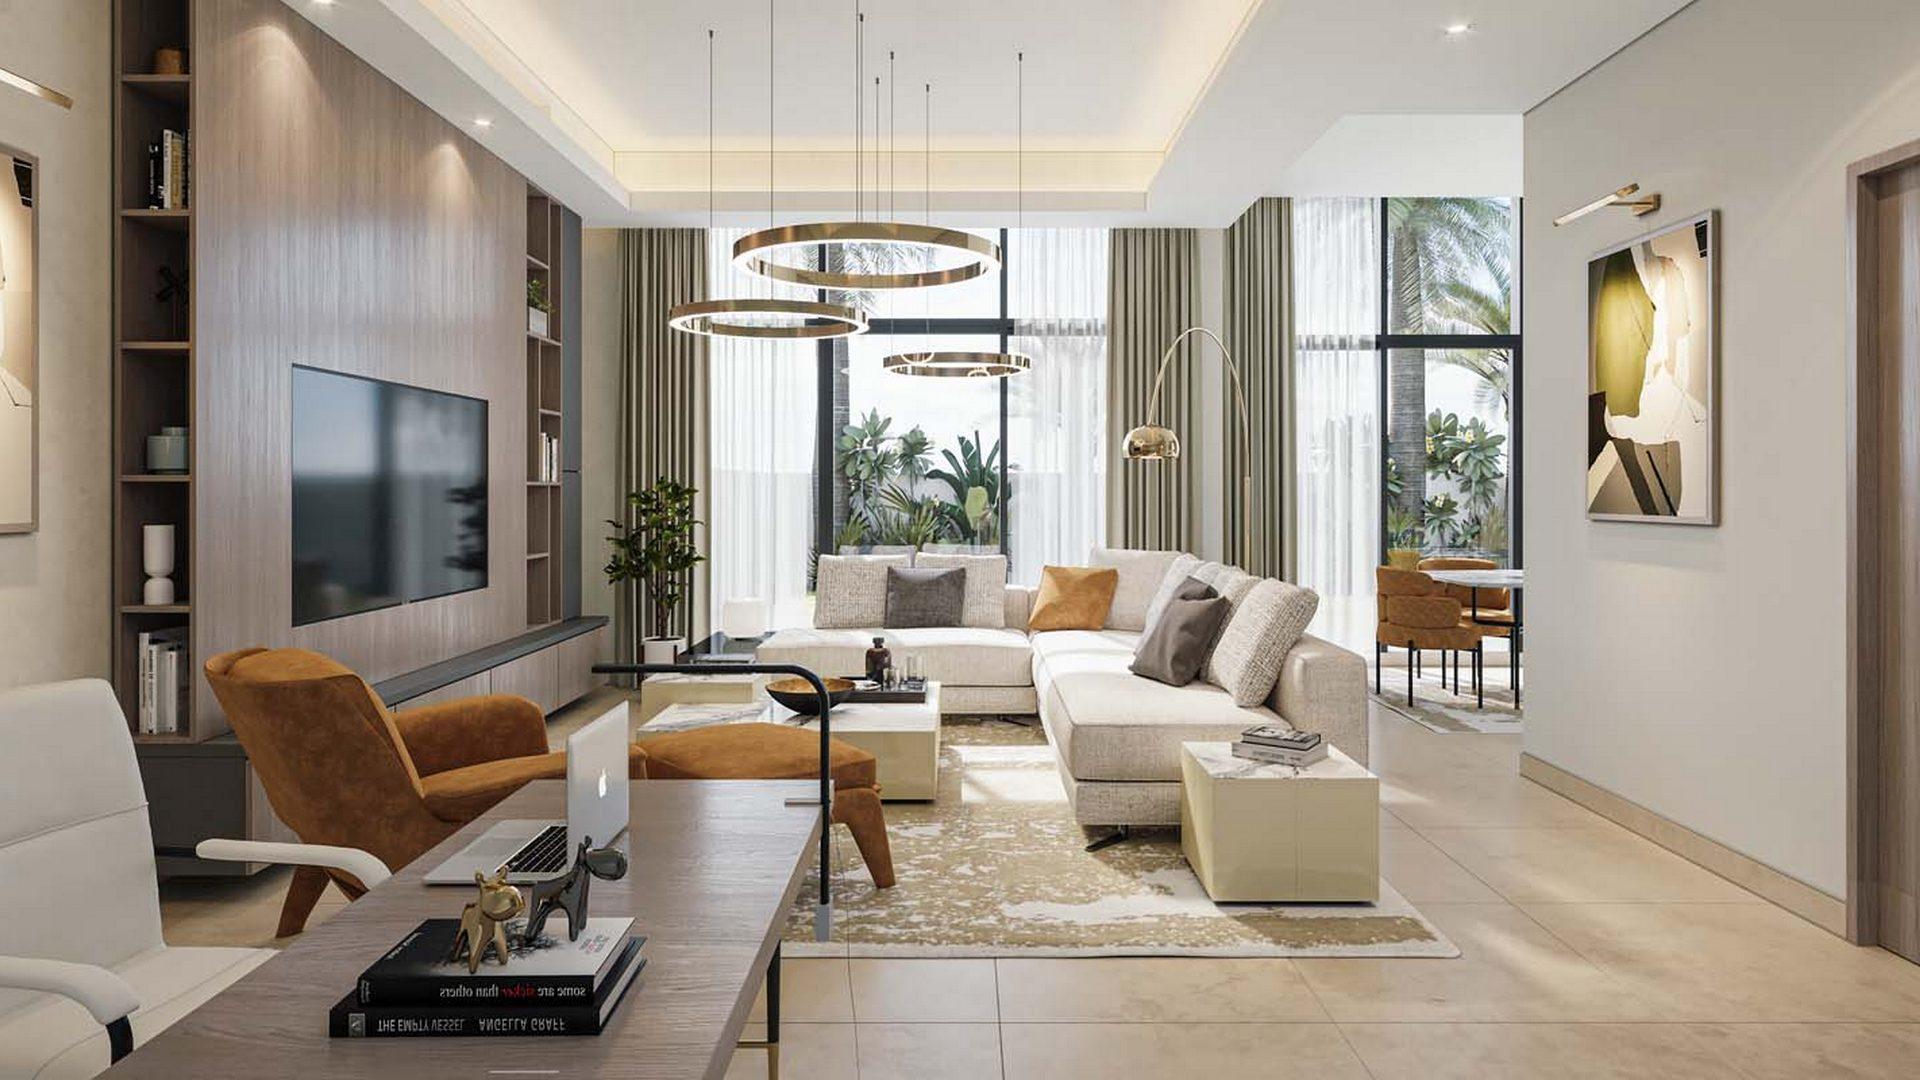 Adosado en venta en Dubai, EAU, 3 dormitorios, 224 m2, № 24533 – foto 7